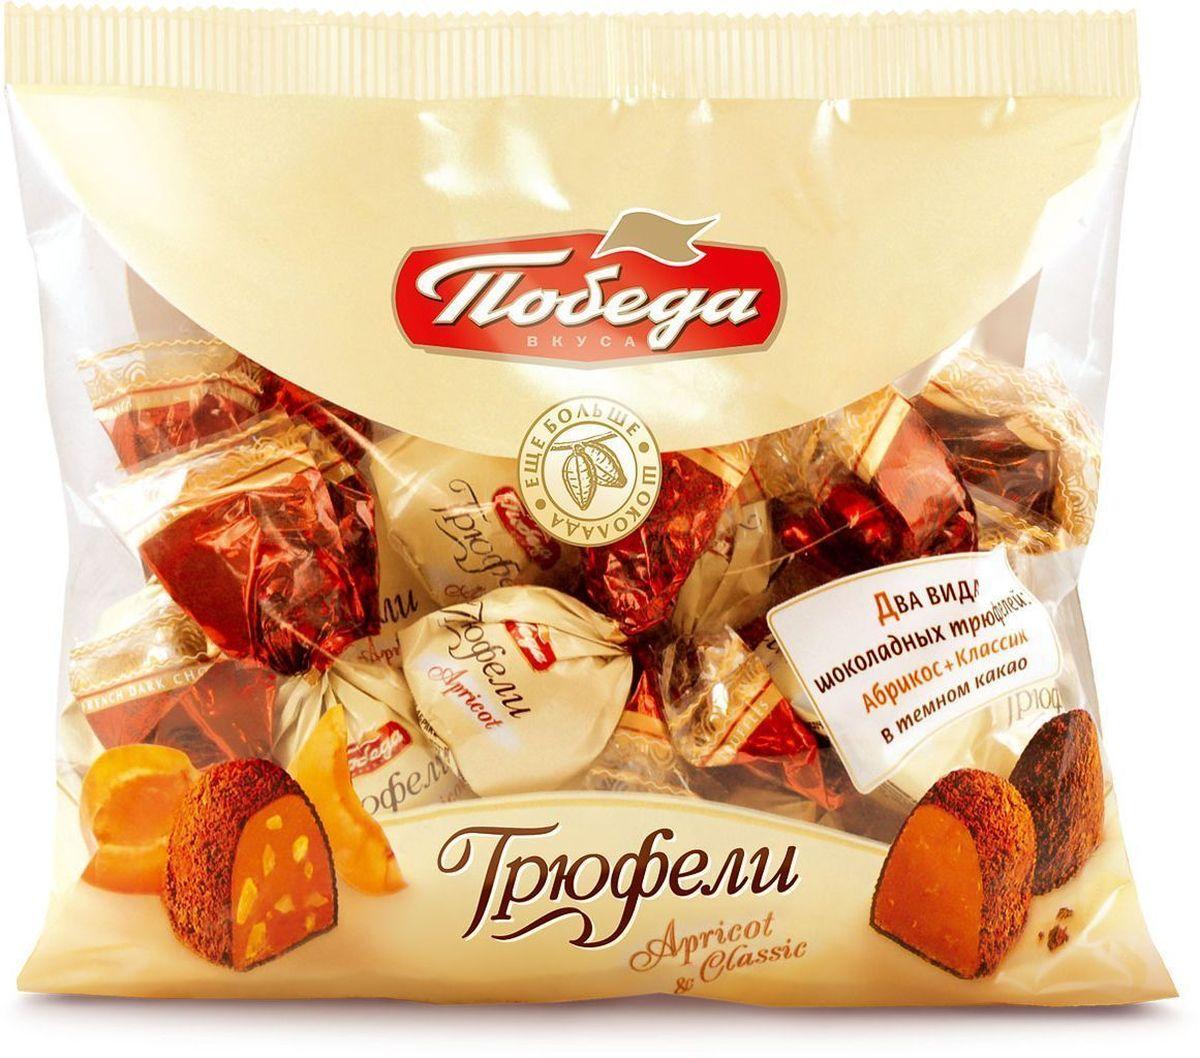 Победа вкуса Трюфели Абрикос + Классик два вида шоколадных трюфелей в темном какао, 250 г350МТрюфели Победа вкуса - два вида мягких трюфельных начинок: классическая шоколадно-сливочная, с кусочками абрикоса. Трюфели Победа вкуса, посыпанные ароматным темным какао - совершенное наслаждение для любителей шоколада.